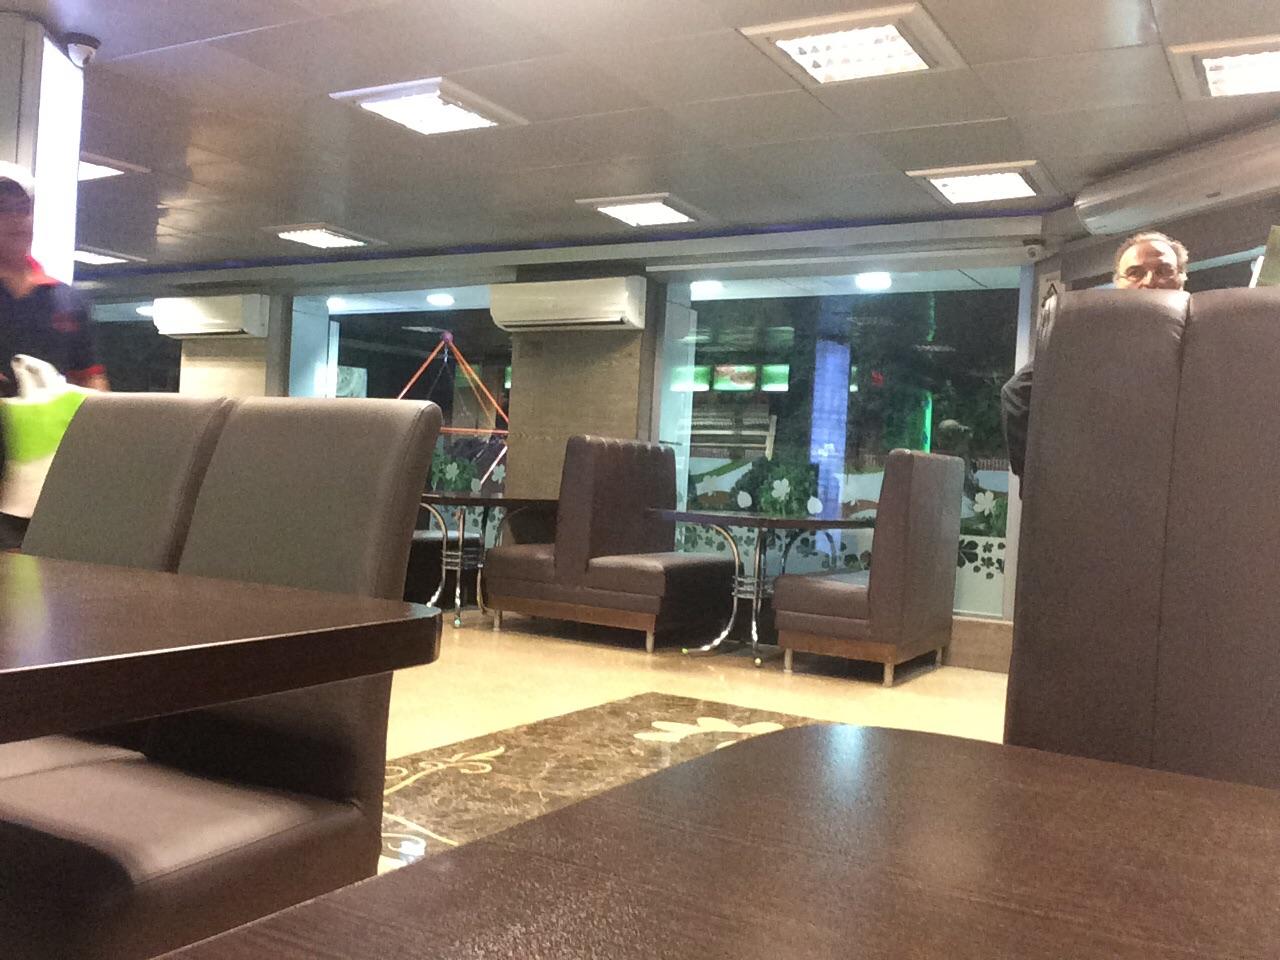 عکس پروفایل پیتزا و همبرگر رستوران مریانج پاسداران